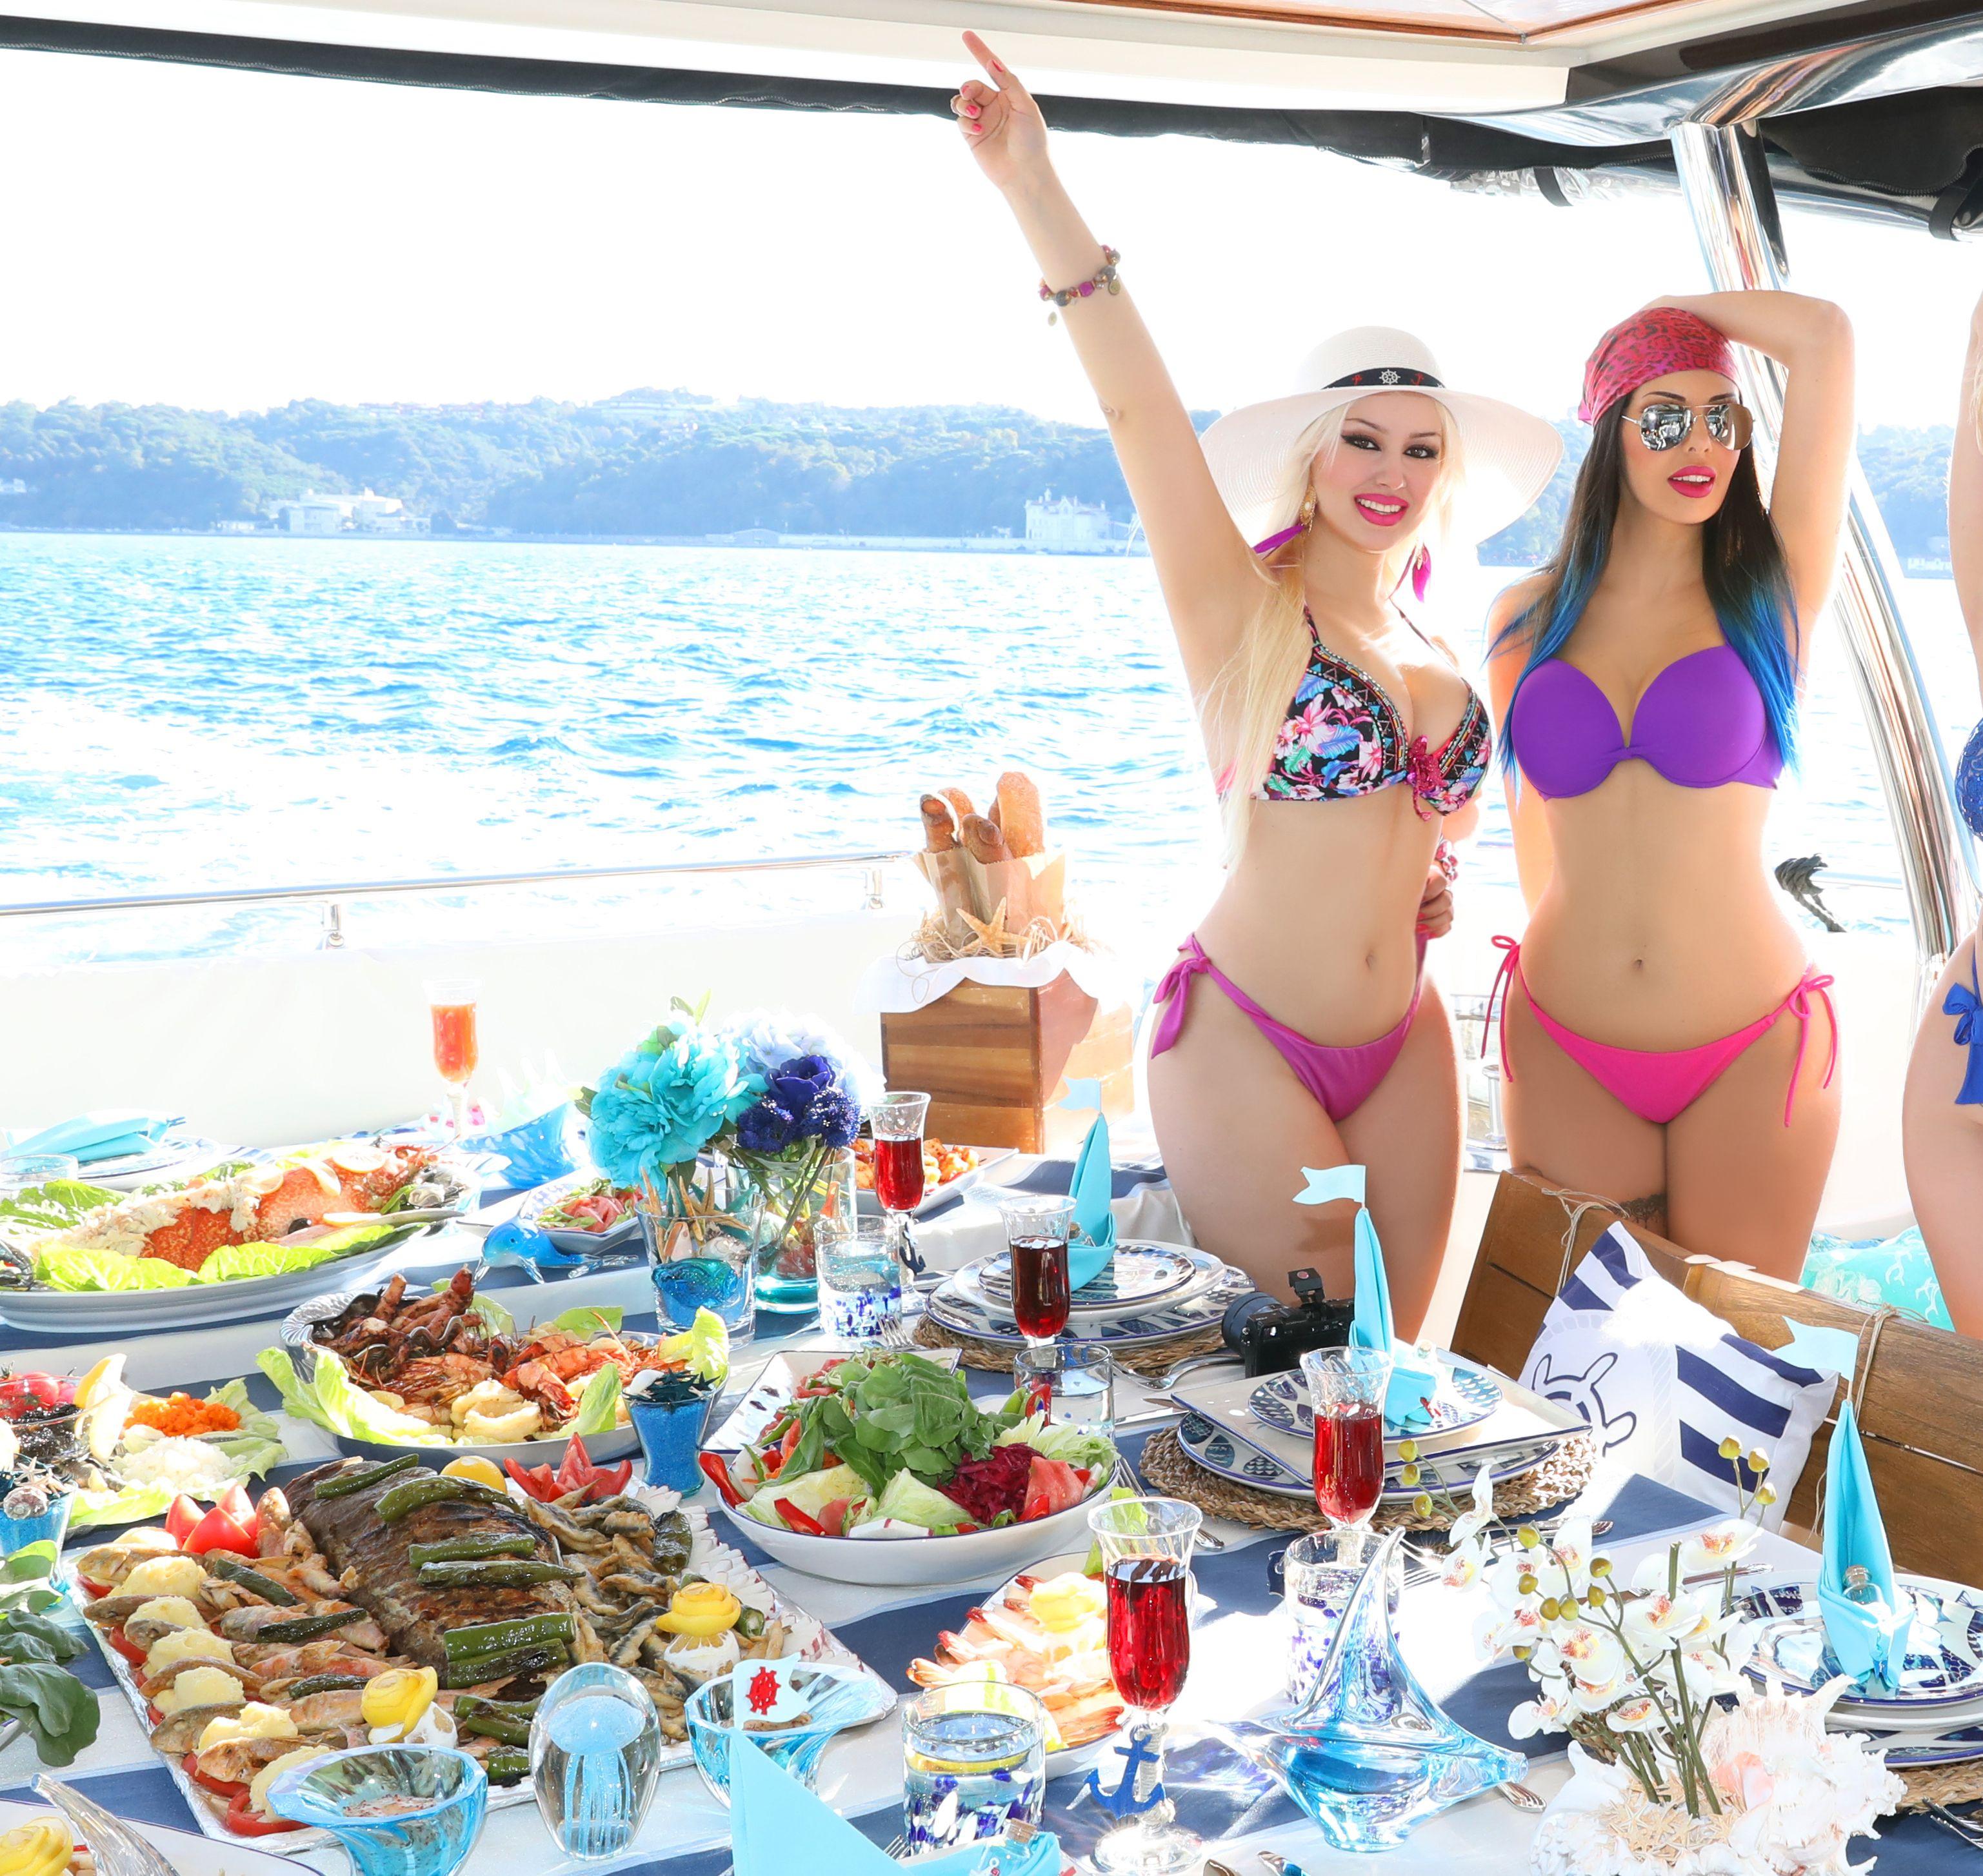 Bikini party swim